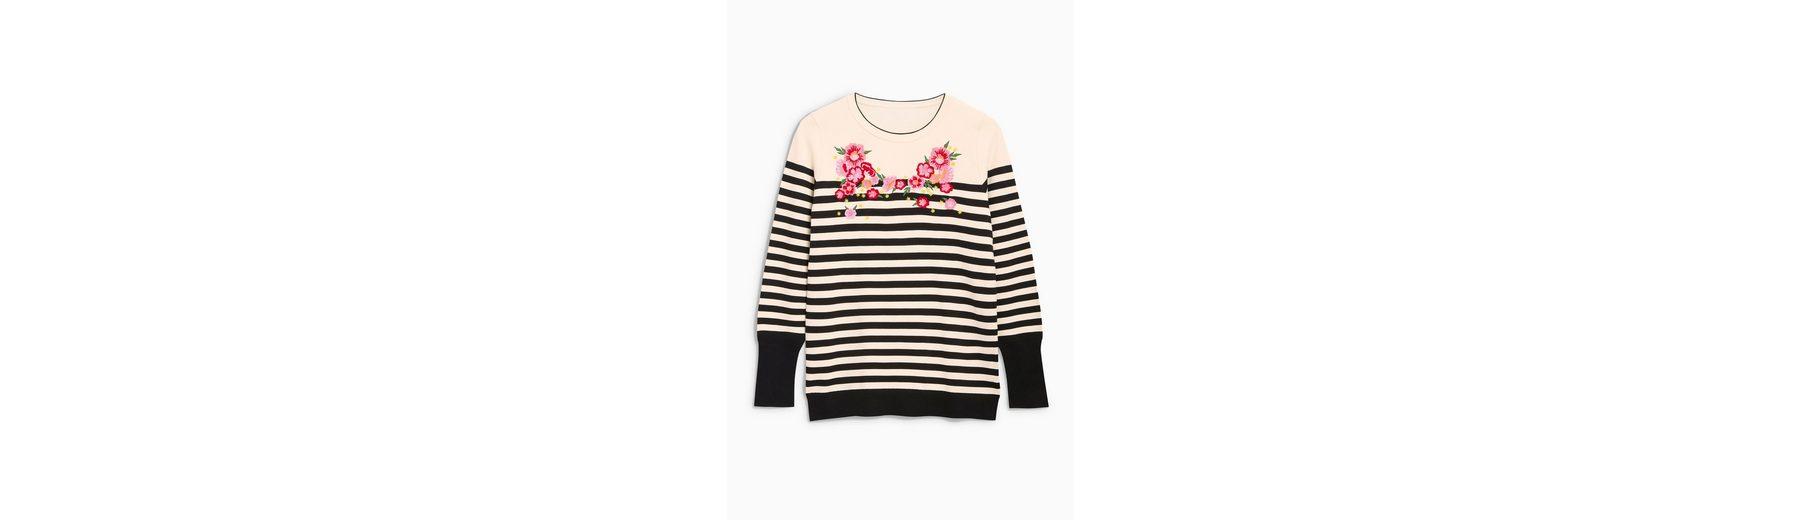 Next Pullover mit Streifen und Stickdetails  Verkaufsschlager yr3Bv